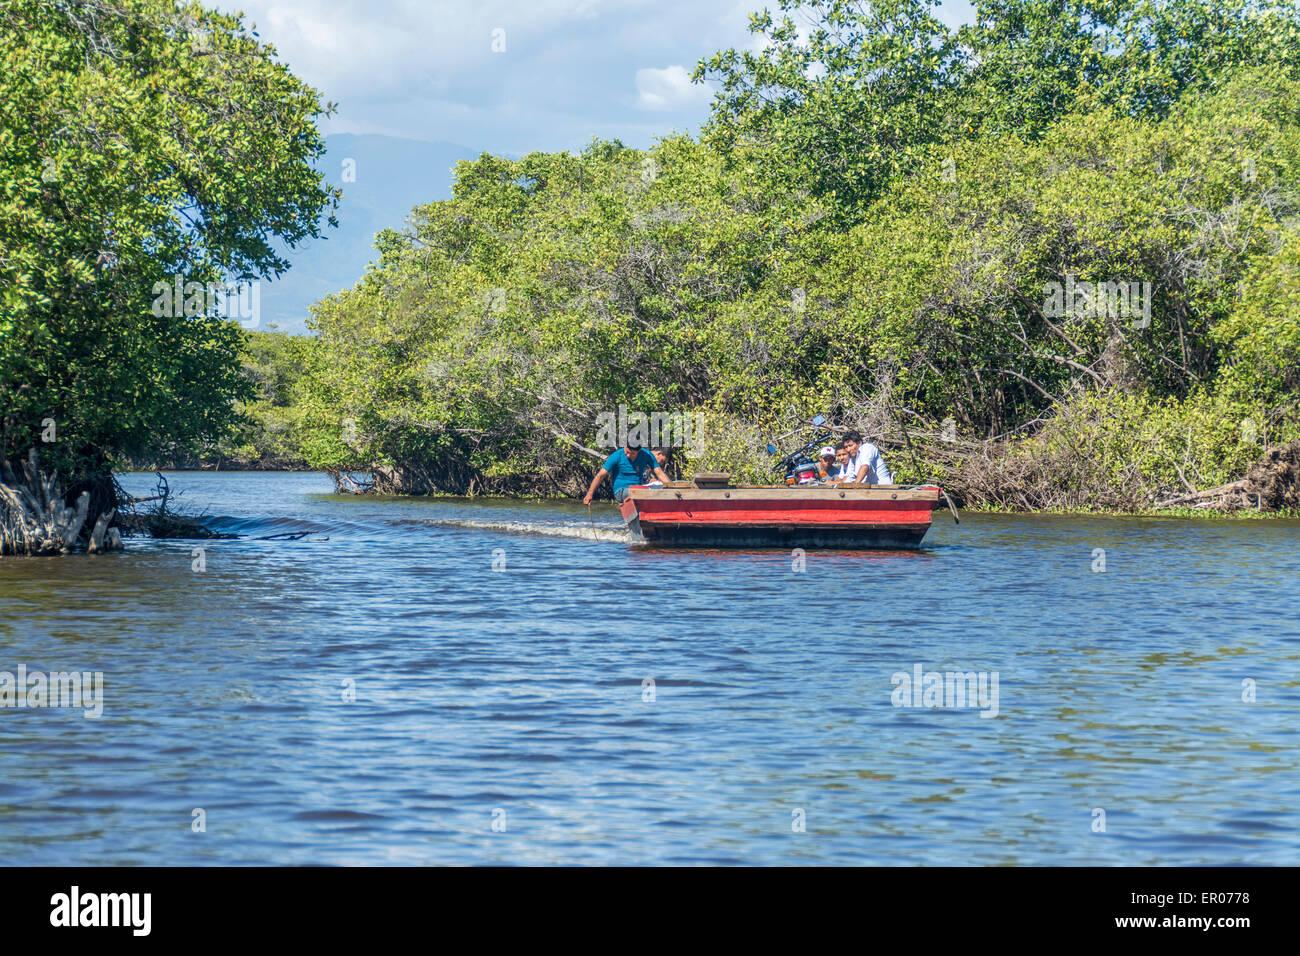 Mangrove    mar  e basse  zone de fray  re o   les alevins pullulent